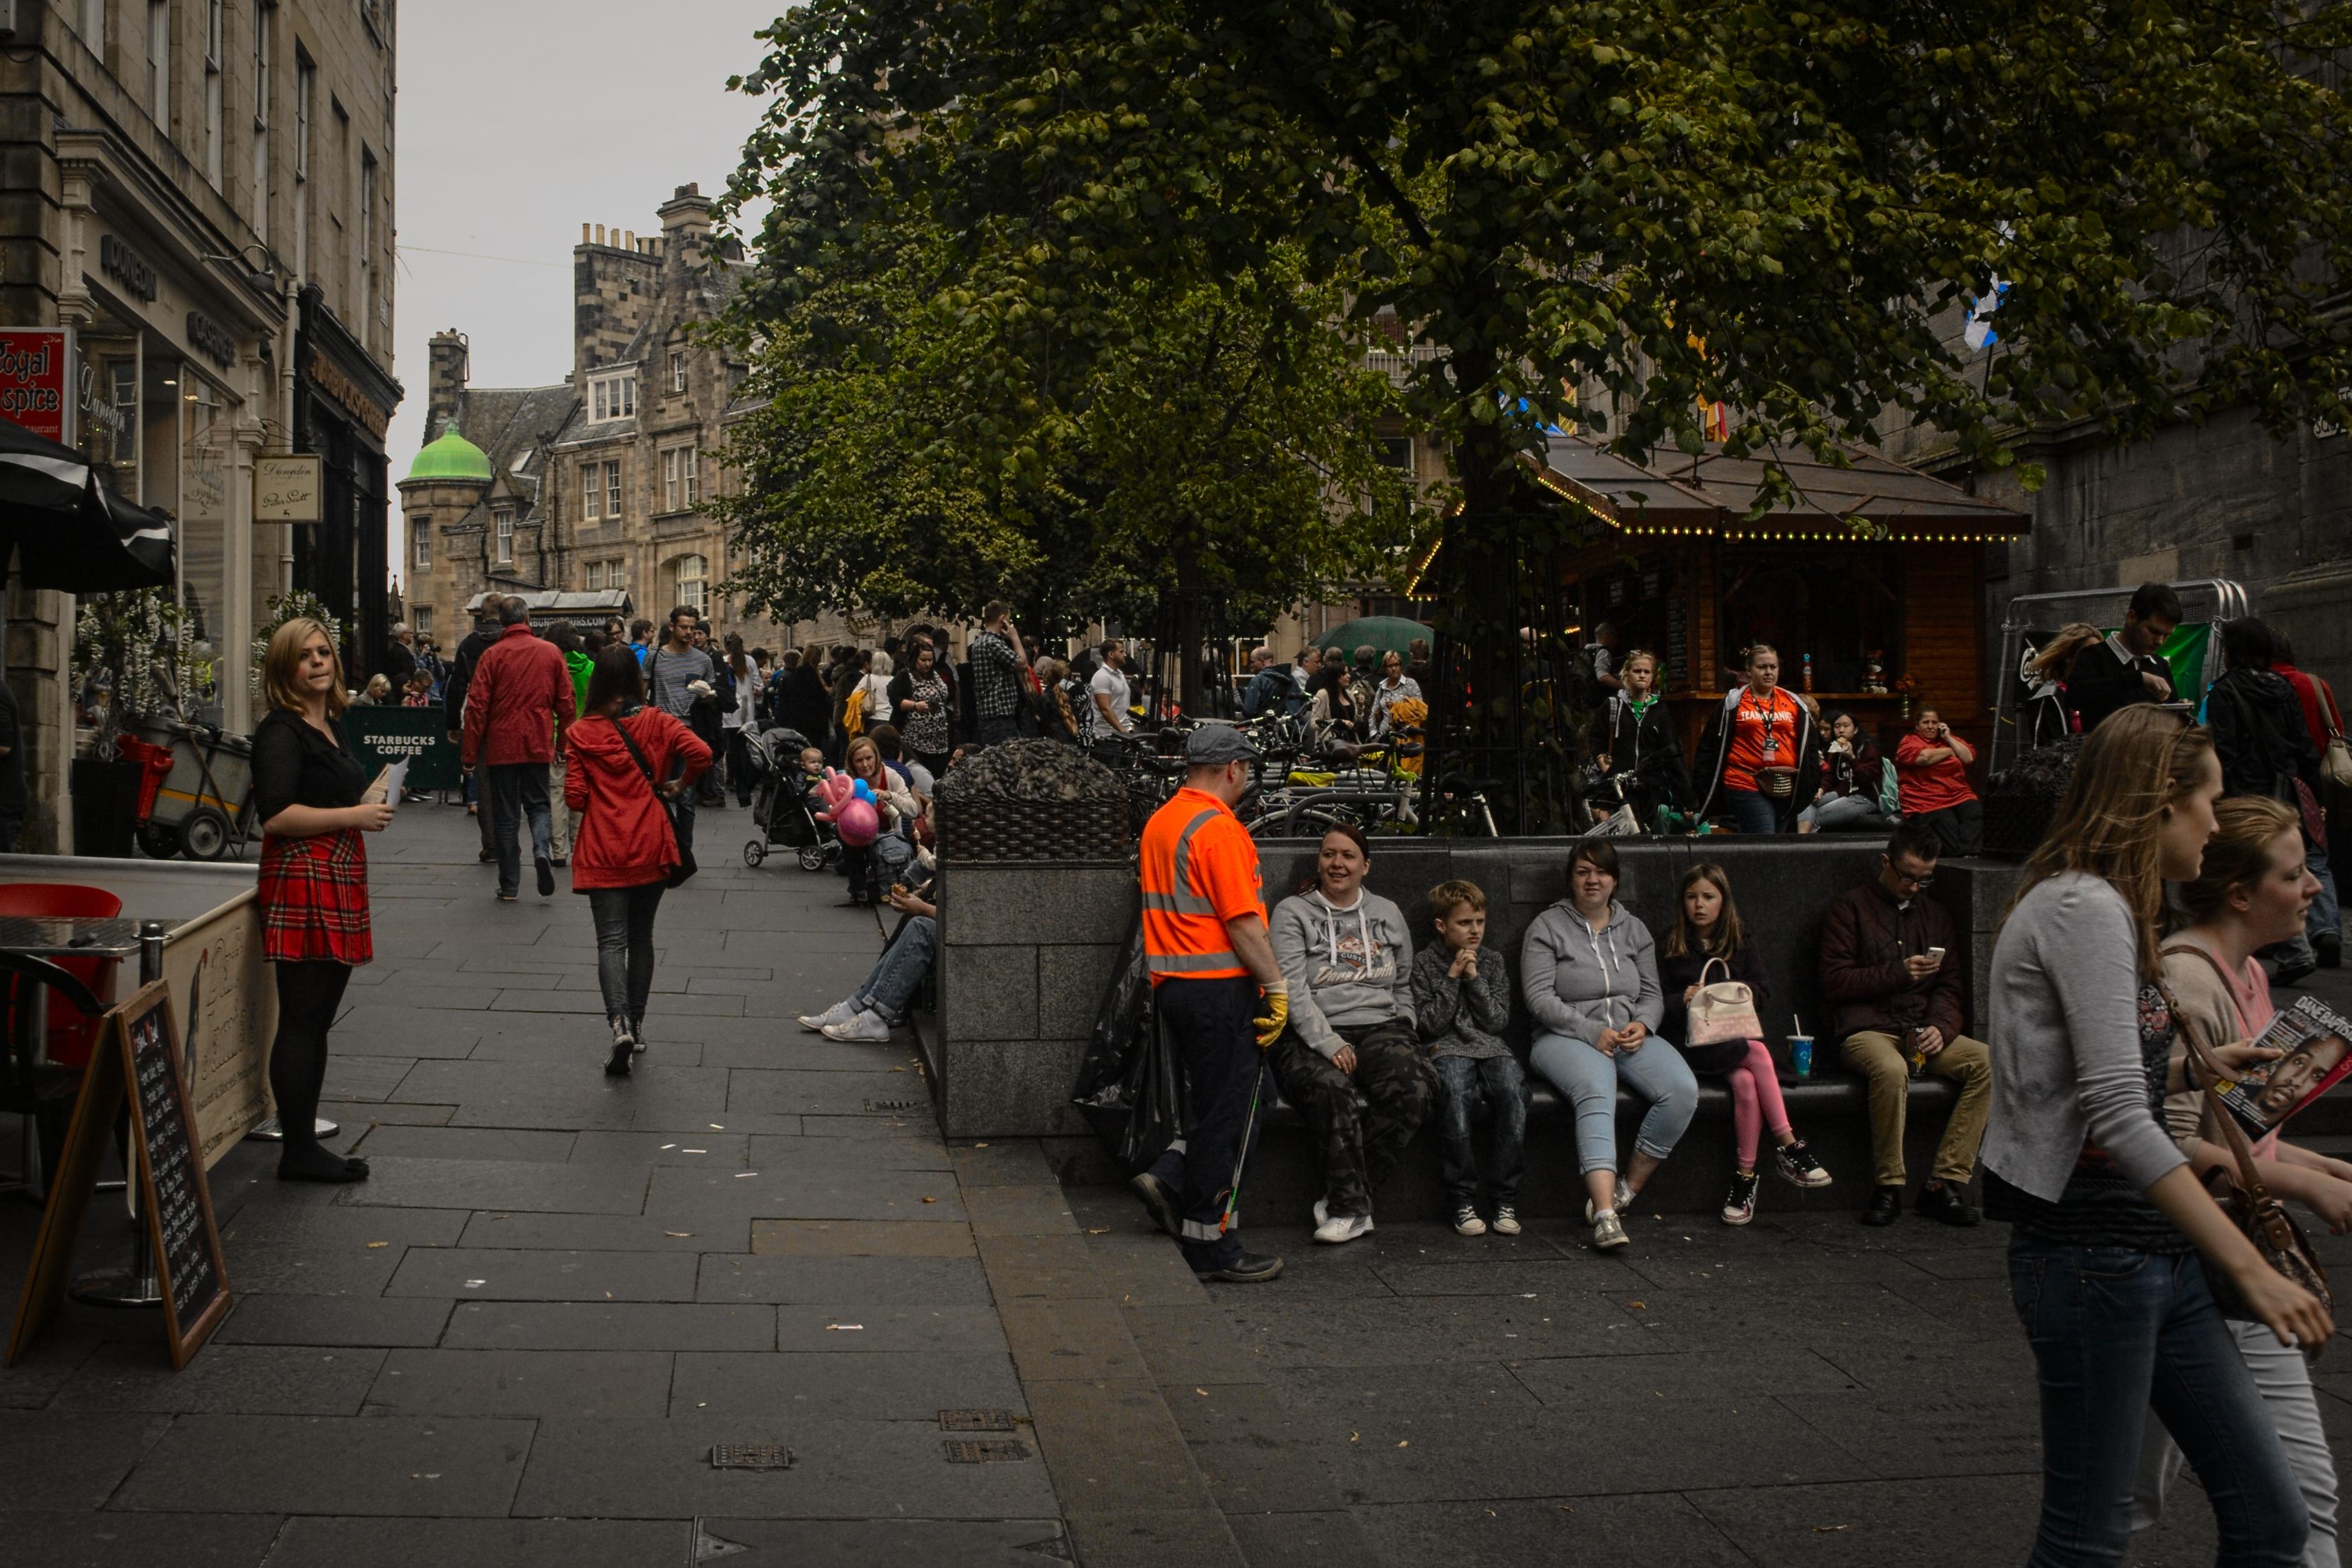 Edinburgh Fringe Street Food